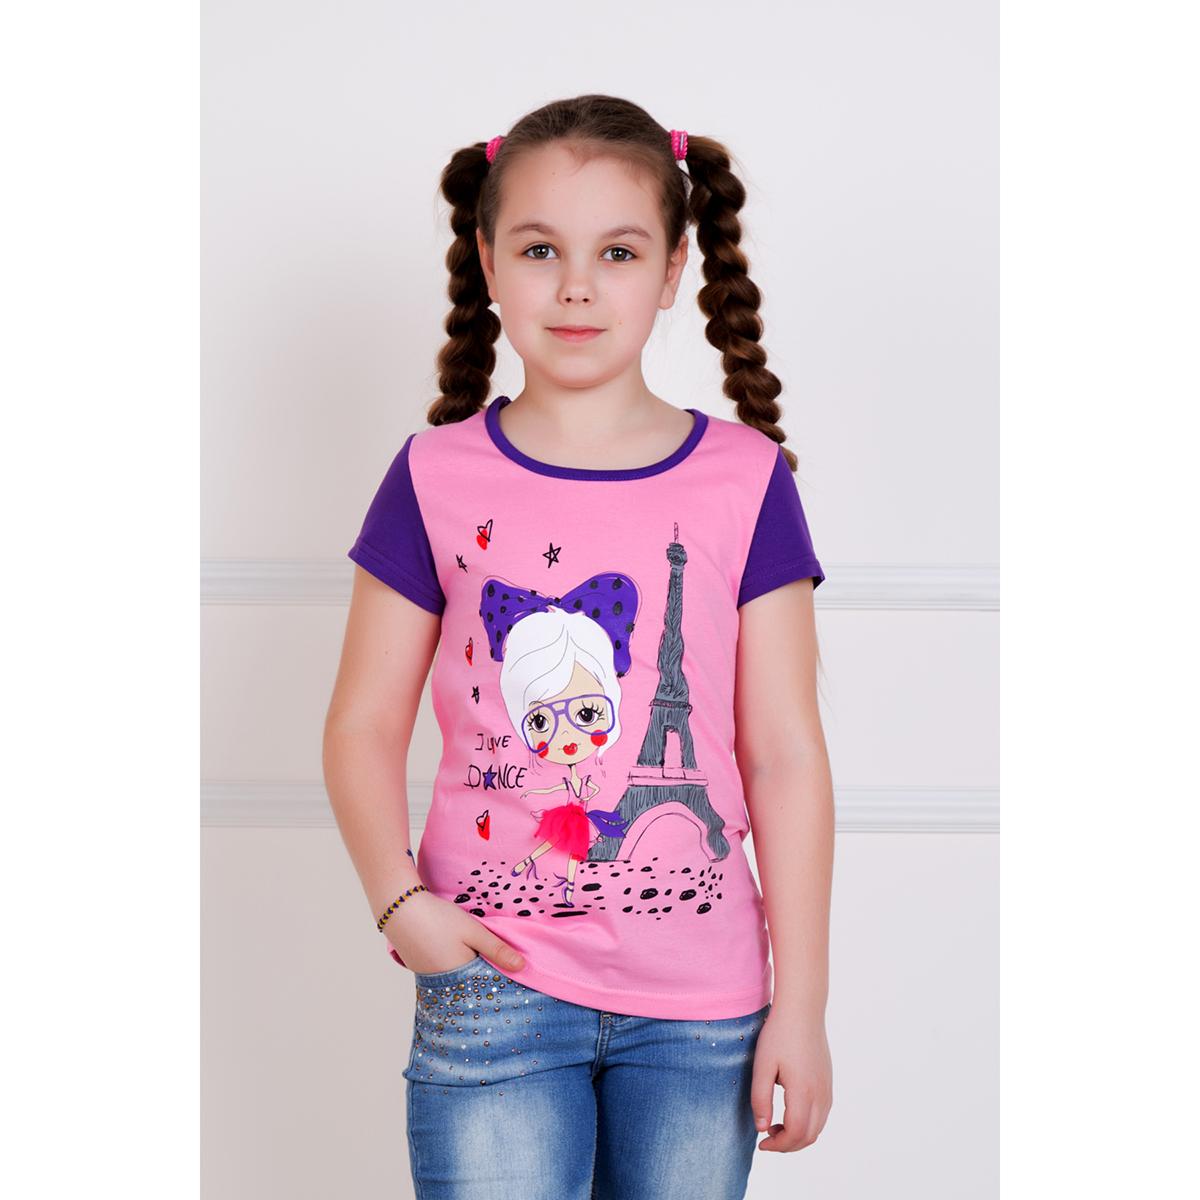 Детская футболка Малинка, размер 12 летФутболки и майки<br><br><br>Тип: Дет. футболка<br>Размер: 12 лет<br>Материал: Кулирка